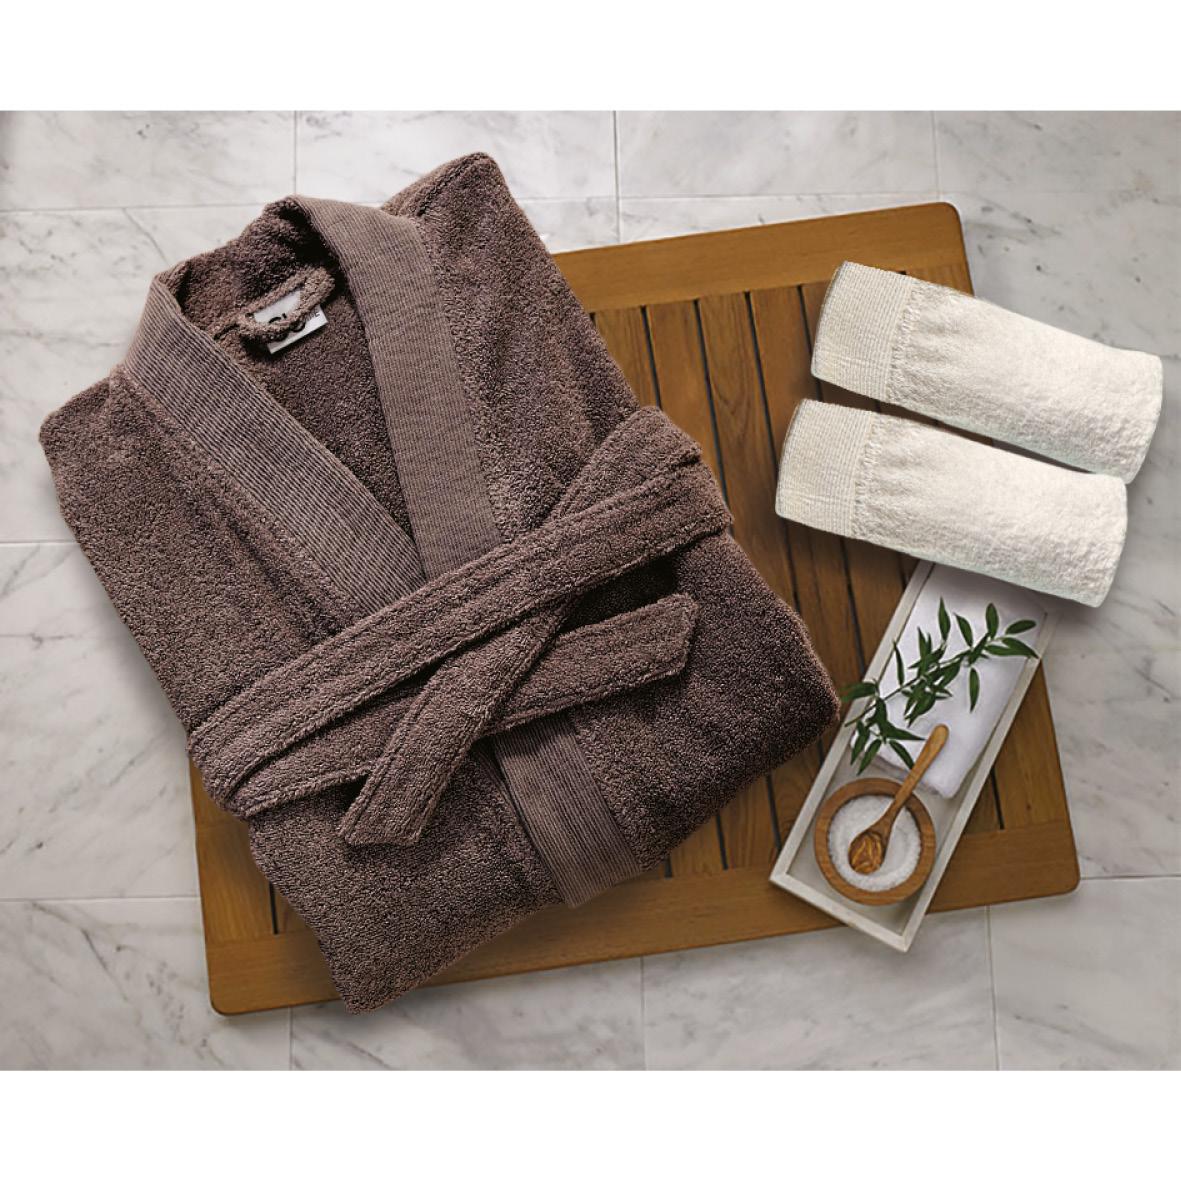 Μπουρνούζι Με Γιακά Βαμβακερό Medium Elegante Grey Sb home (Ύφασμα: Βαμβάκι 100%) – Sb home – 5206864061224